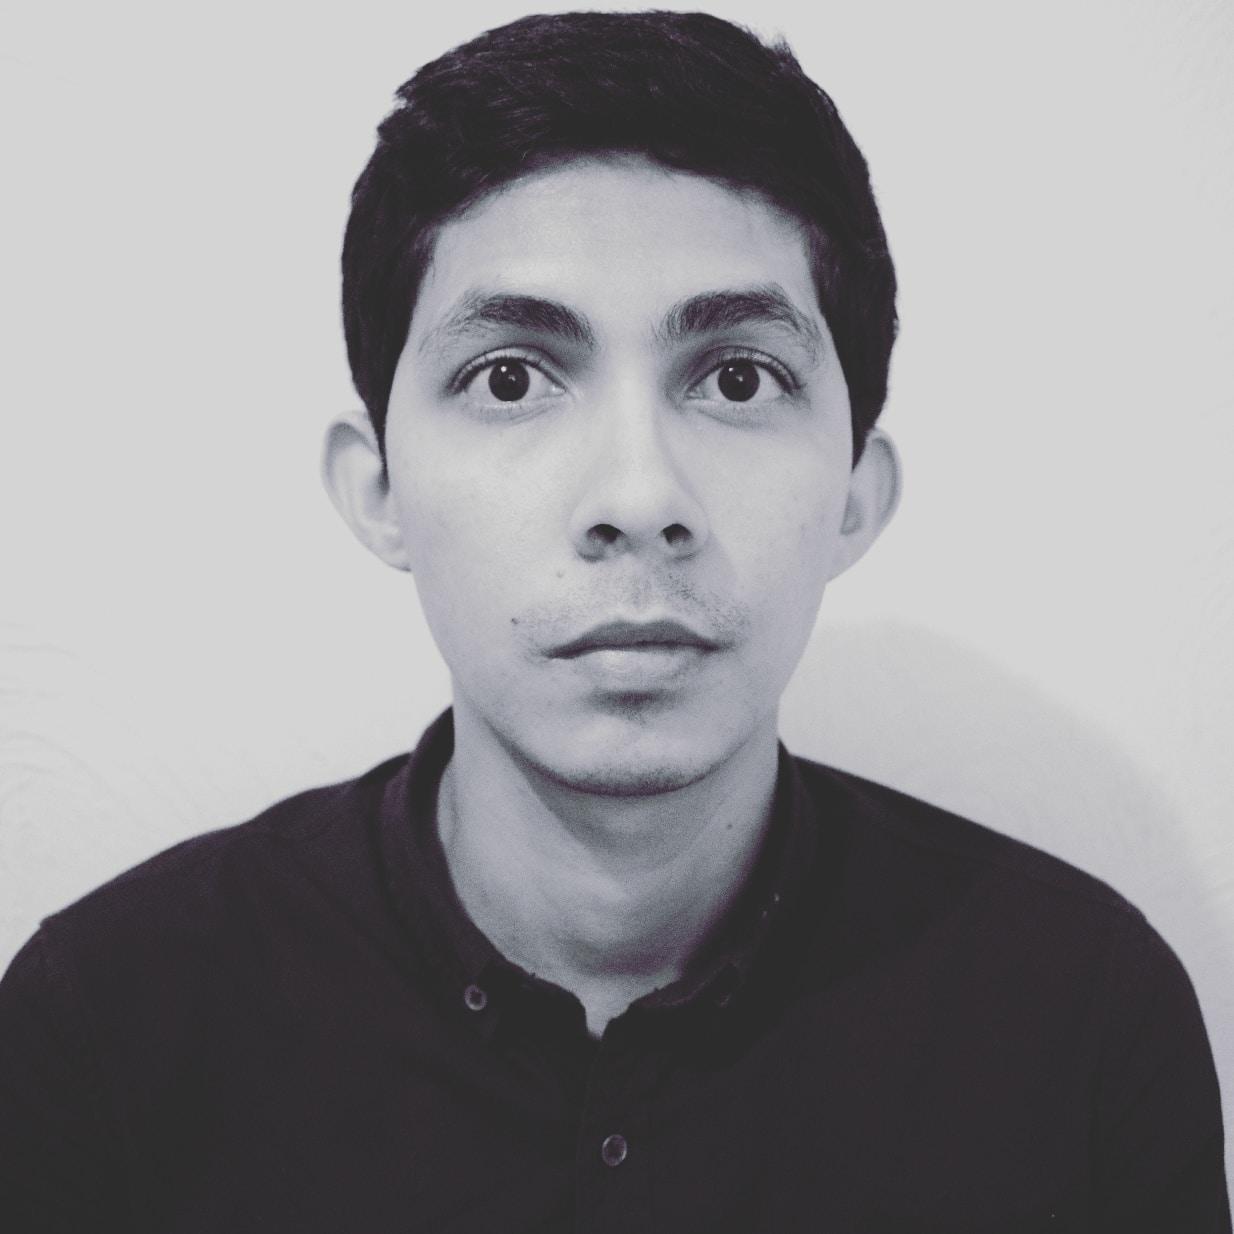 Go to Cristian Enriquez's profile